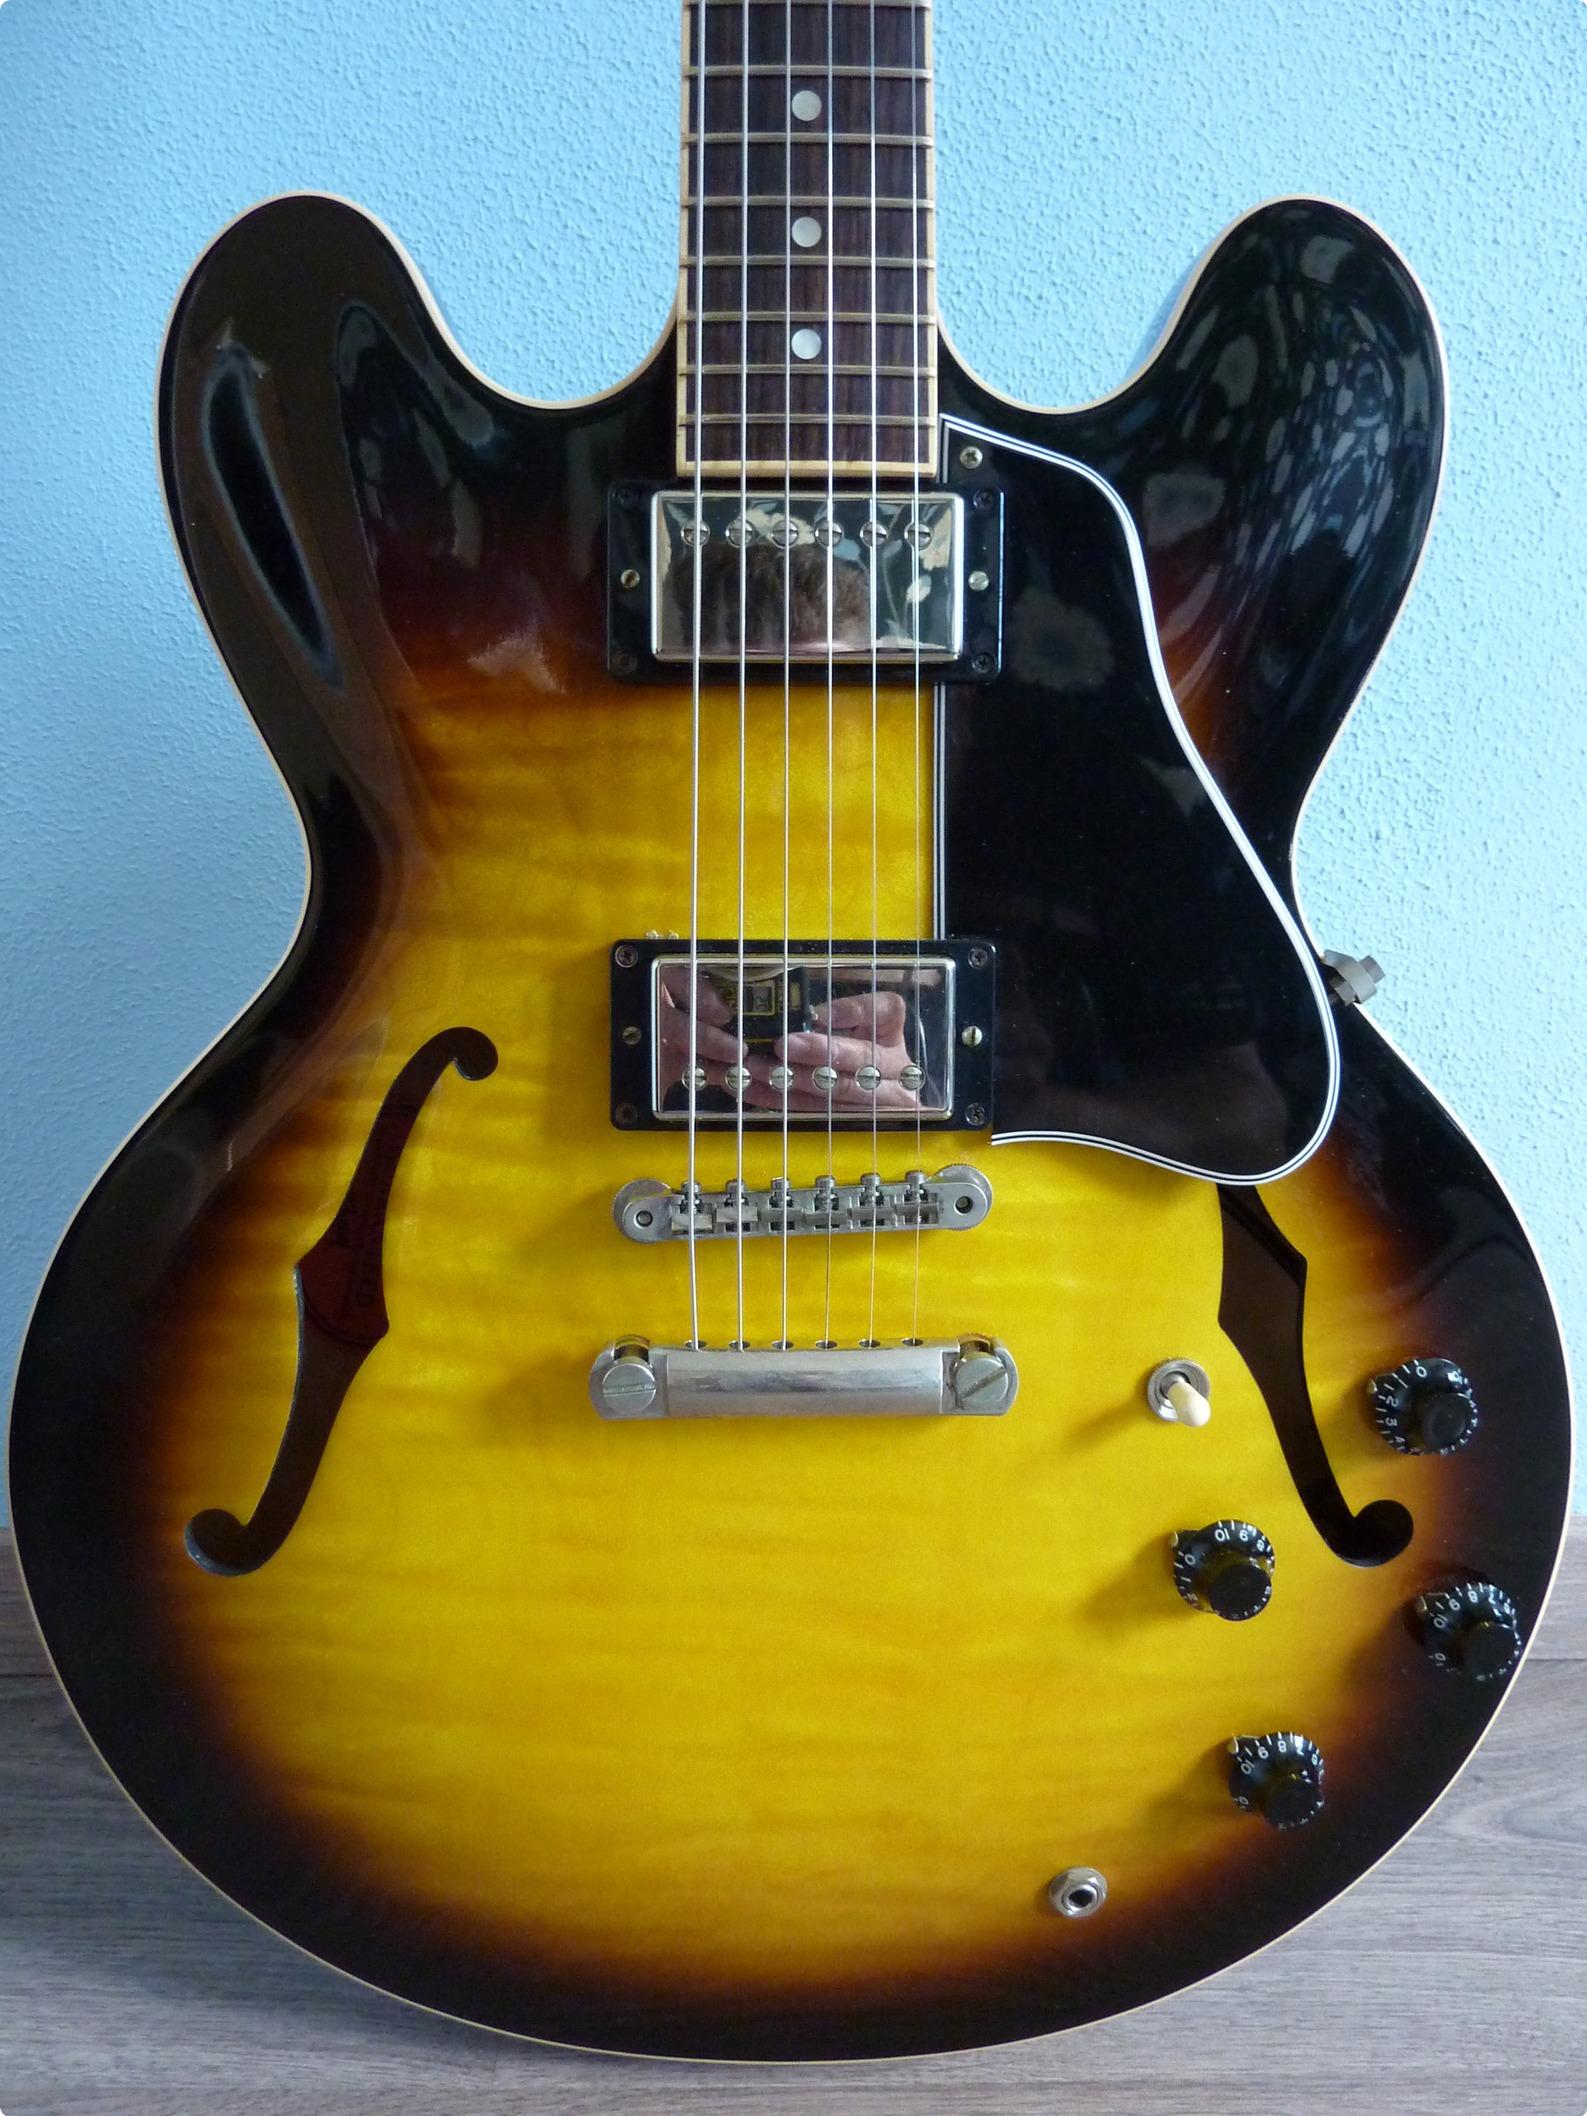 gibson es 335 dot reissue 2007 sunburst guitar for sale hender amps. Black Bedroom Furniture Sets. Home Design Ideas